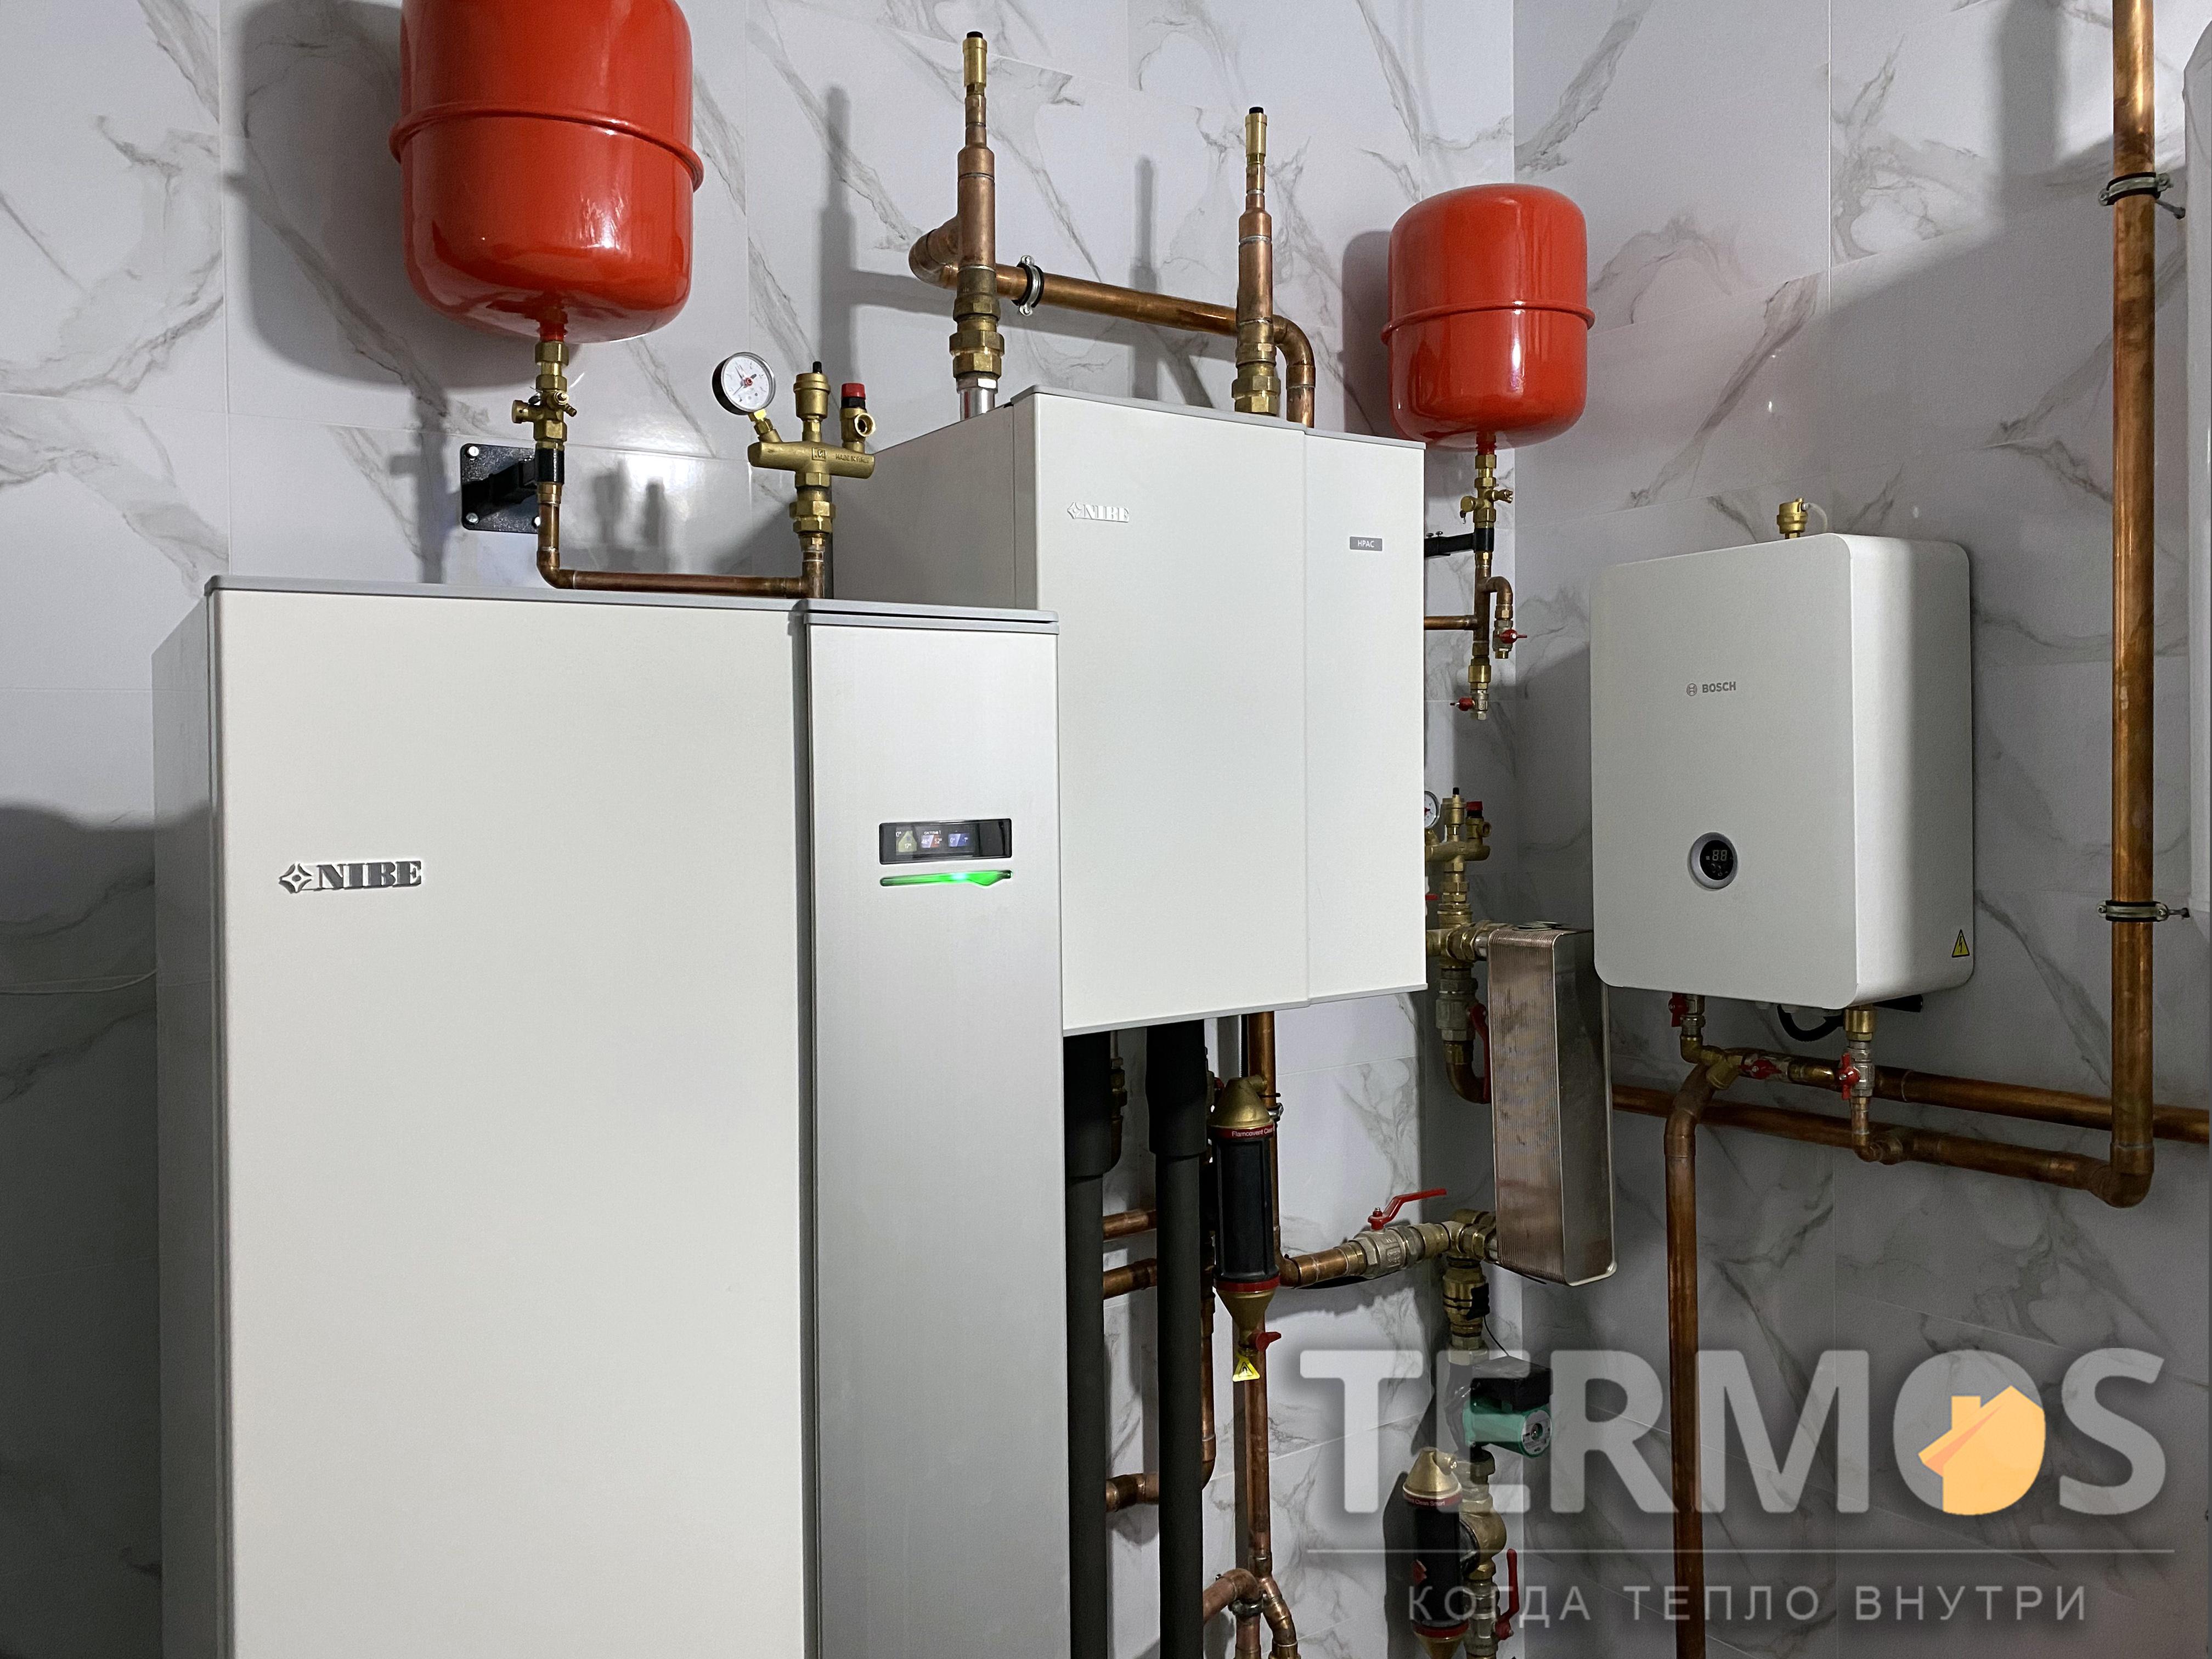 Дом 450 кв м, бассейн. Тепловой насос NIBE (Швеция) 28 кВт, с пассивным /активным охлаждением, 7 геотермальных скважин по 90 м. Резервный электрокотел BOCSH (Германия) 24 кВт